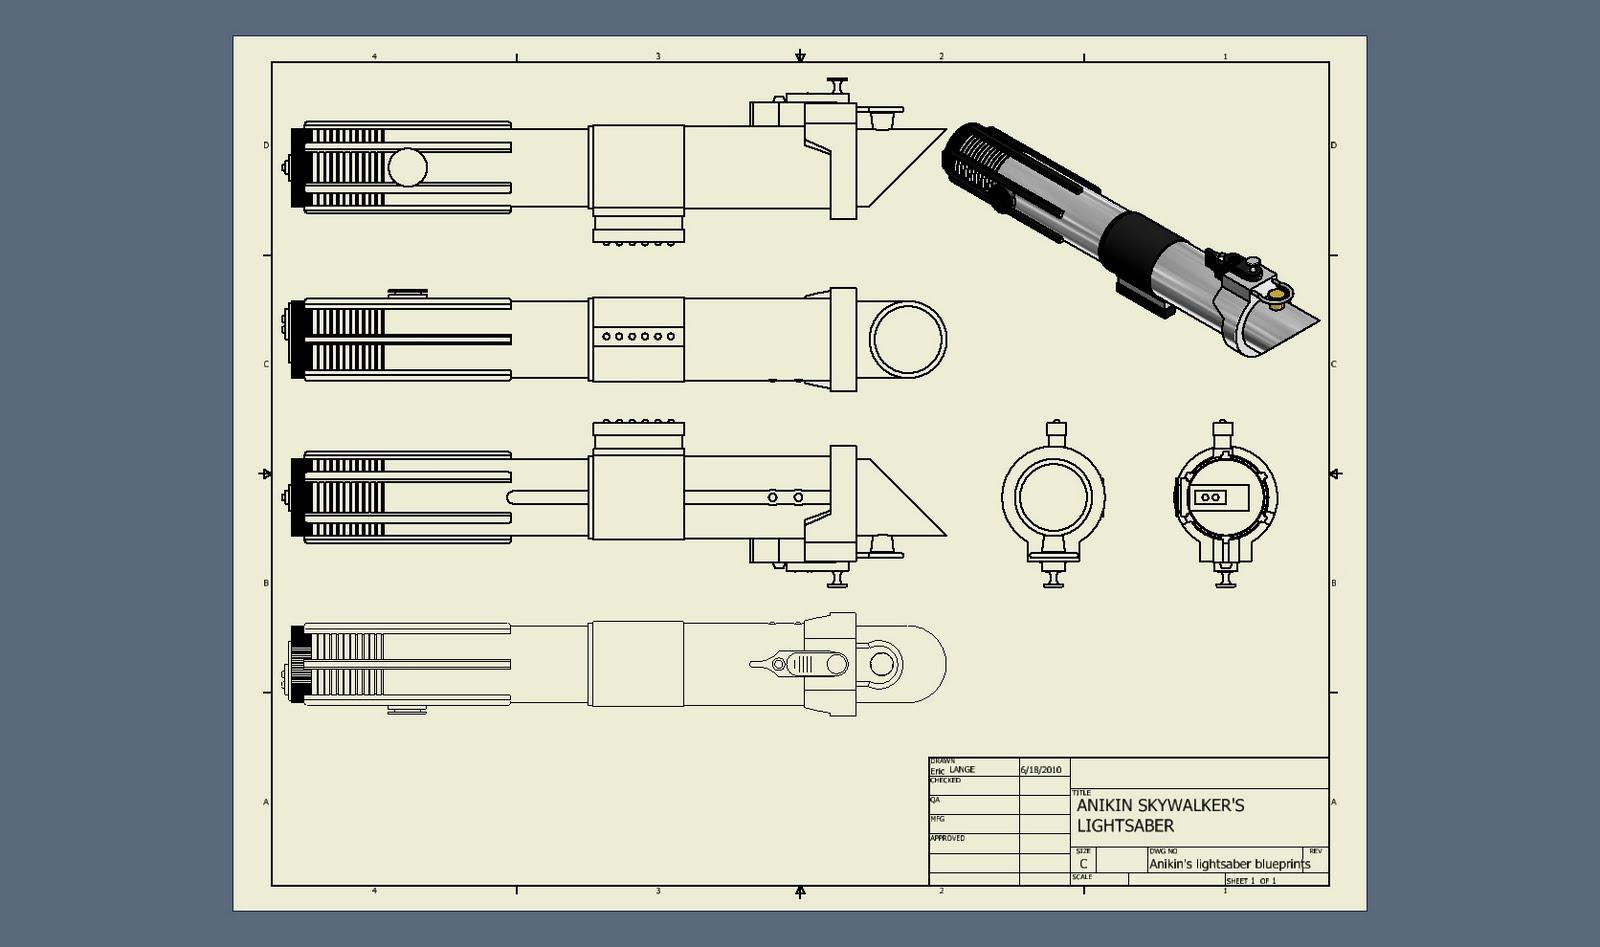 http://3.bp.blogspot.com/_QGTRMUlnSs8/TBv_8llzNUI/AAAAAAAAAKE/SNHhqWwb1Cs/s1600/Anikin%27s+lightsaber+blueprints.jpg